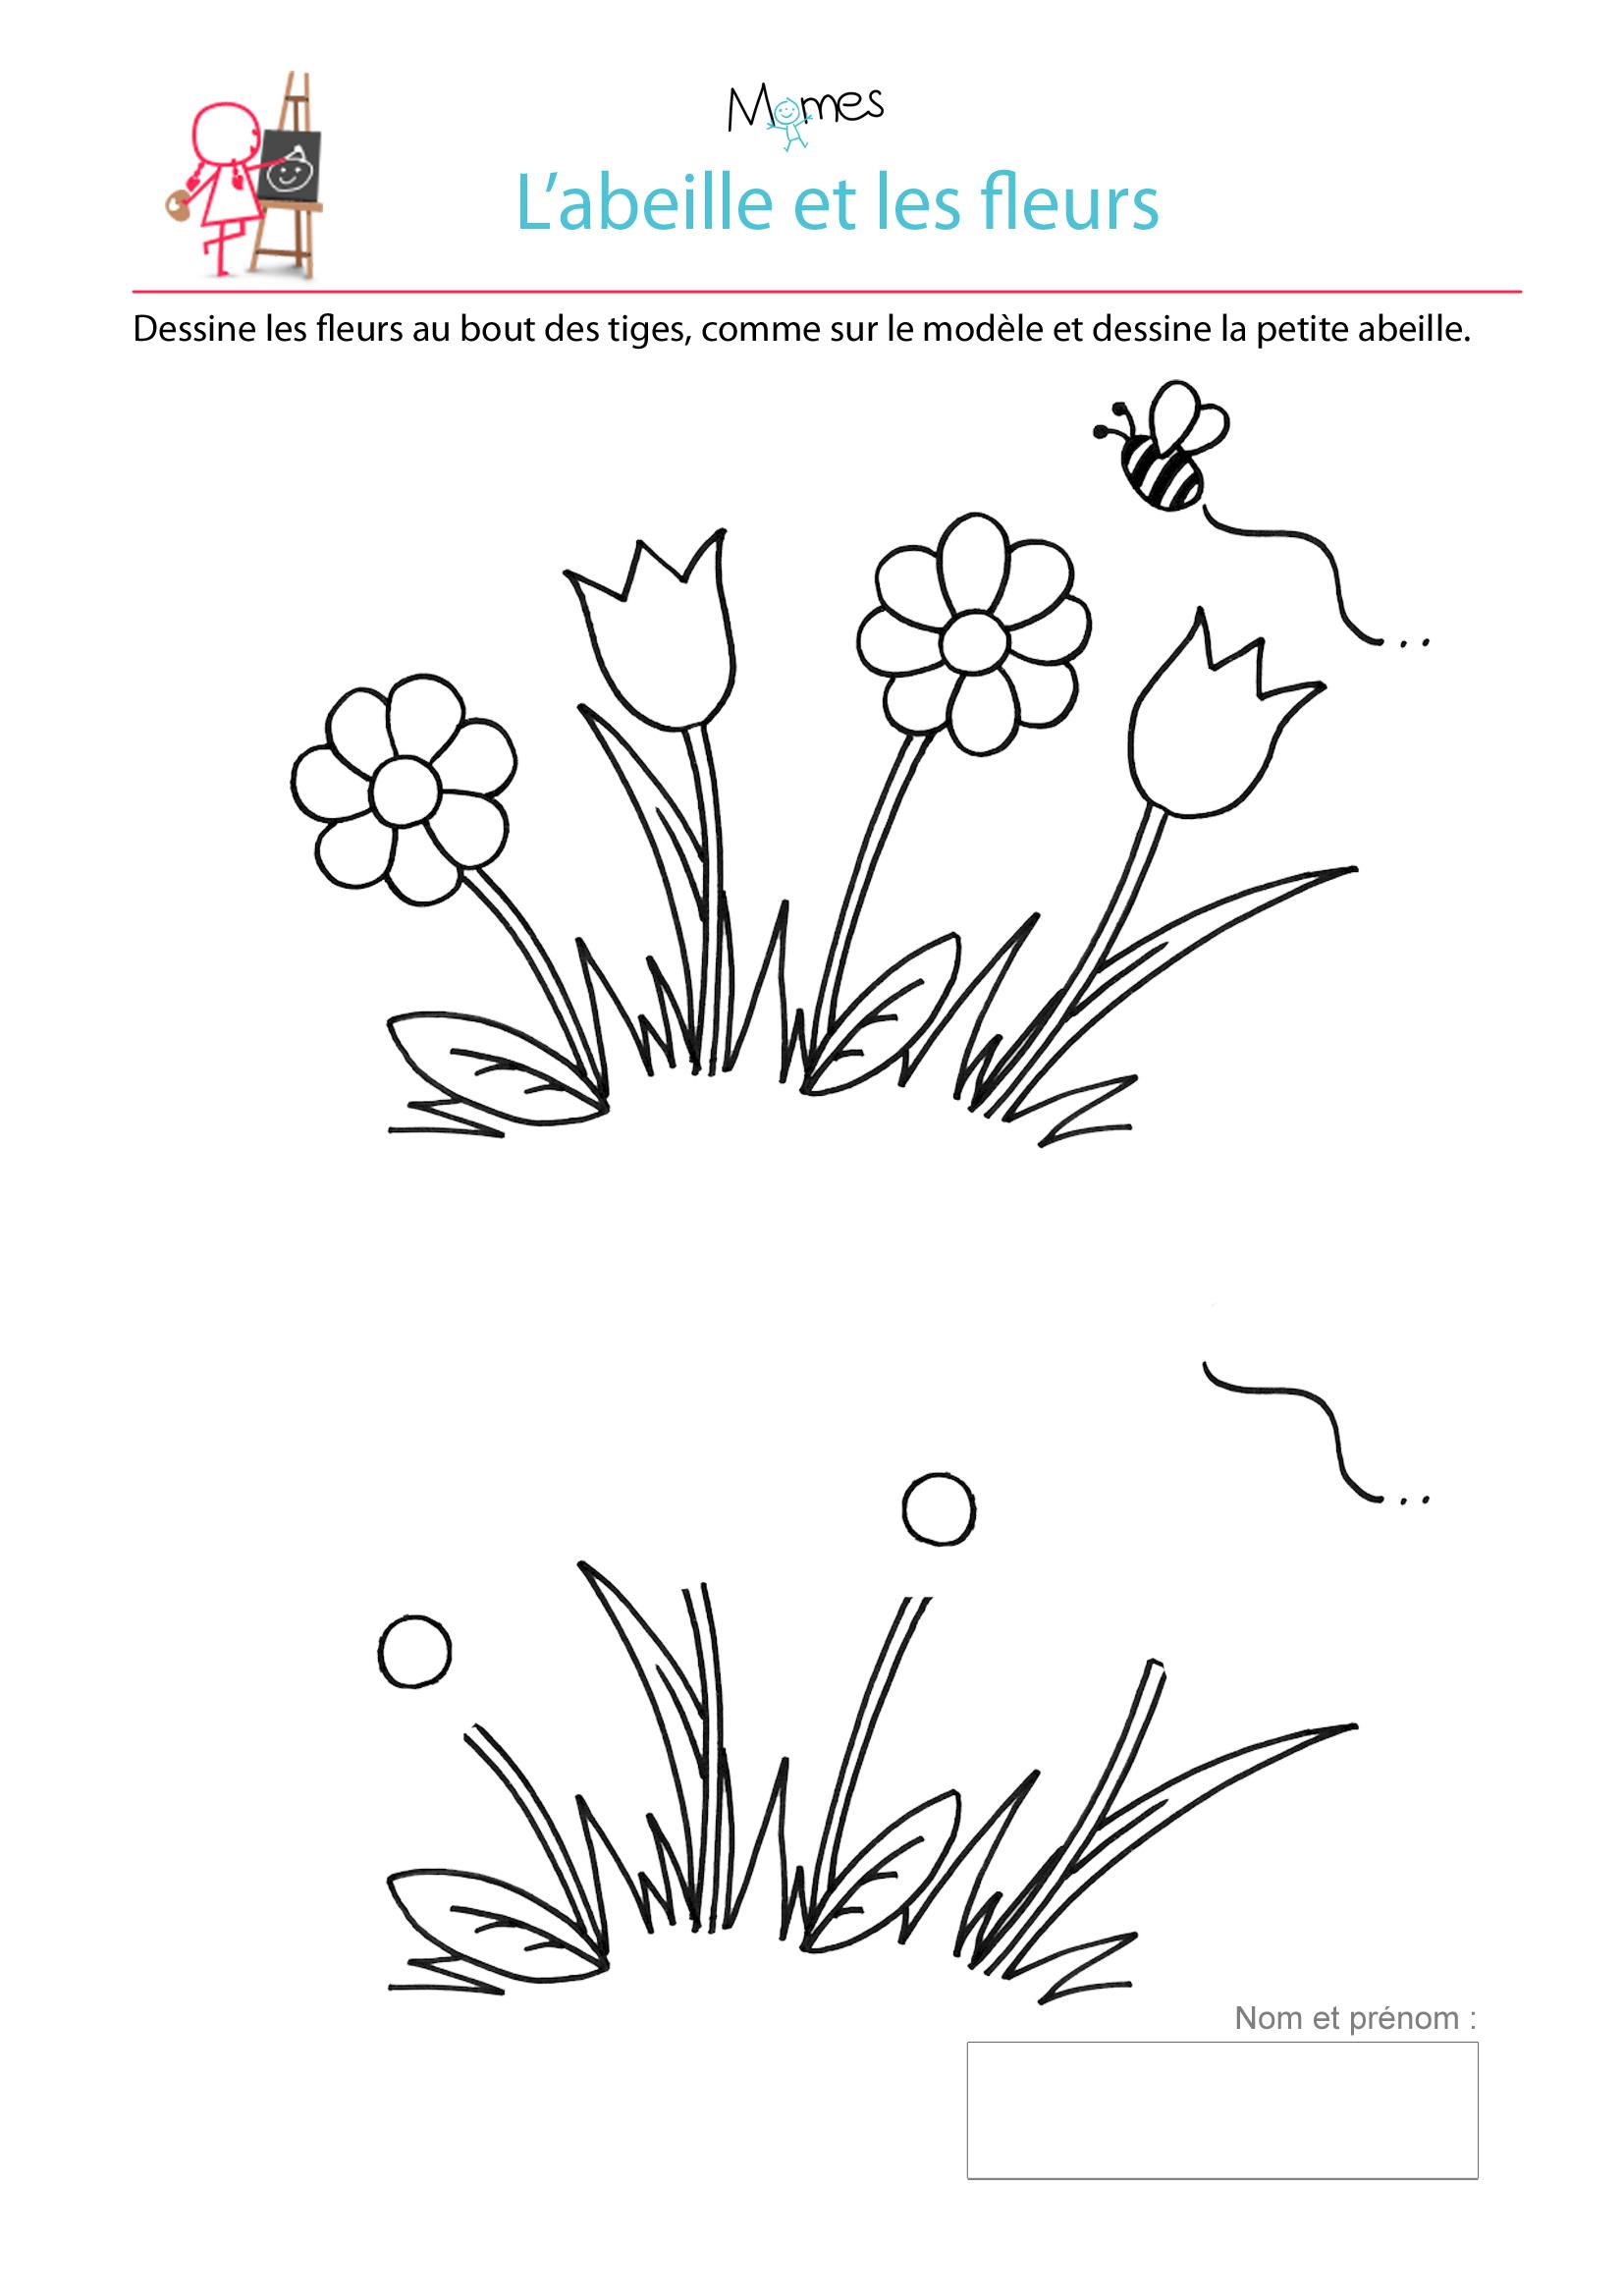 Dessiner les fleurs - Fleurs a dessiner modele ...